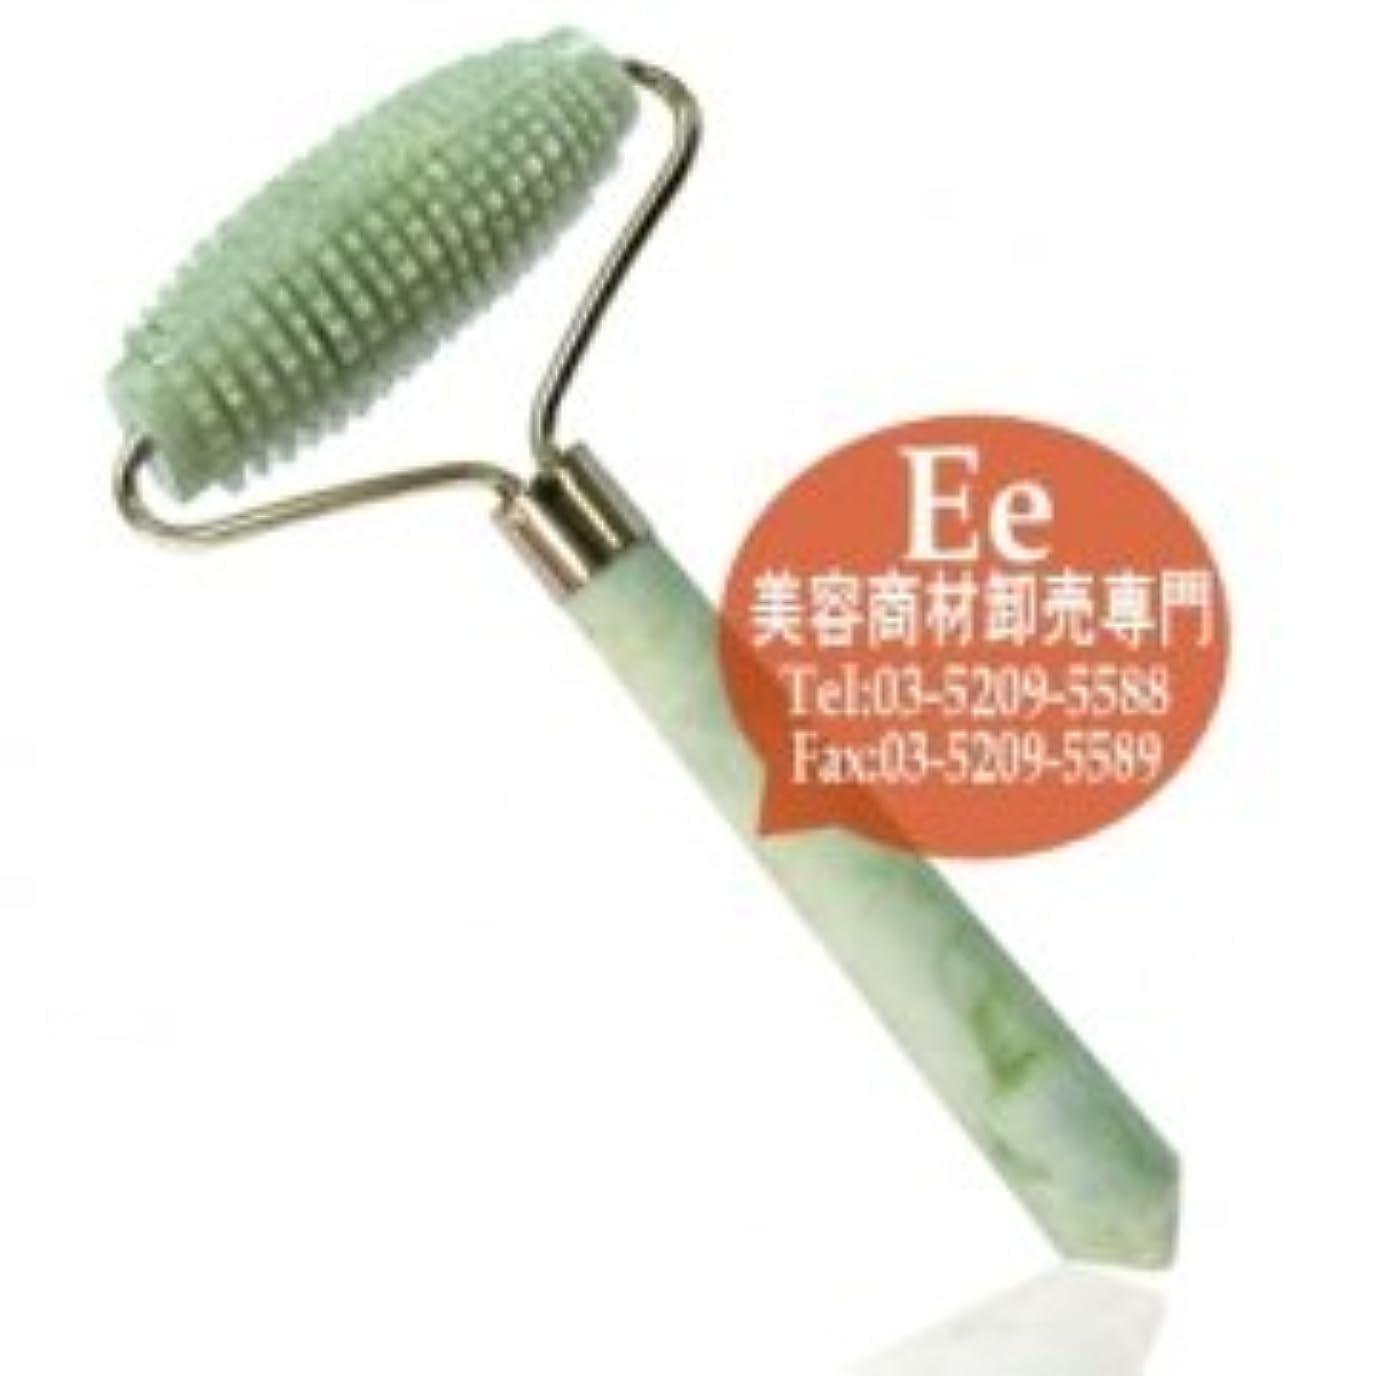 英語の授業があります輝度ペグ翡翠 ( ヒスイ )美容ローラー 玉石美容ローラー 両用フェイスローラー CA-03